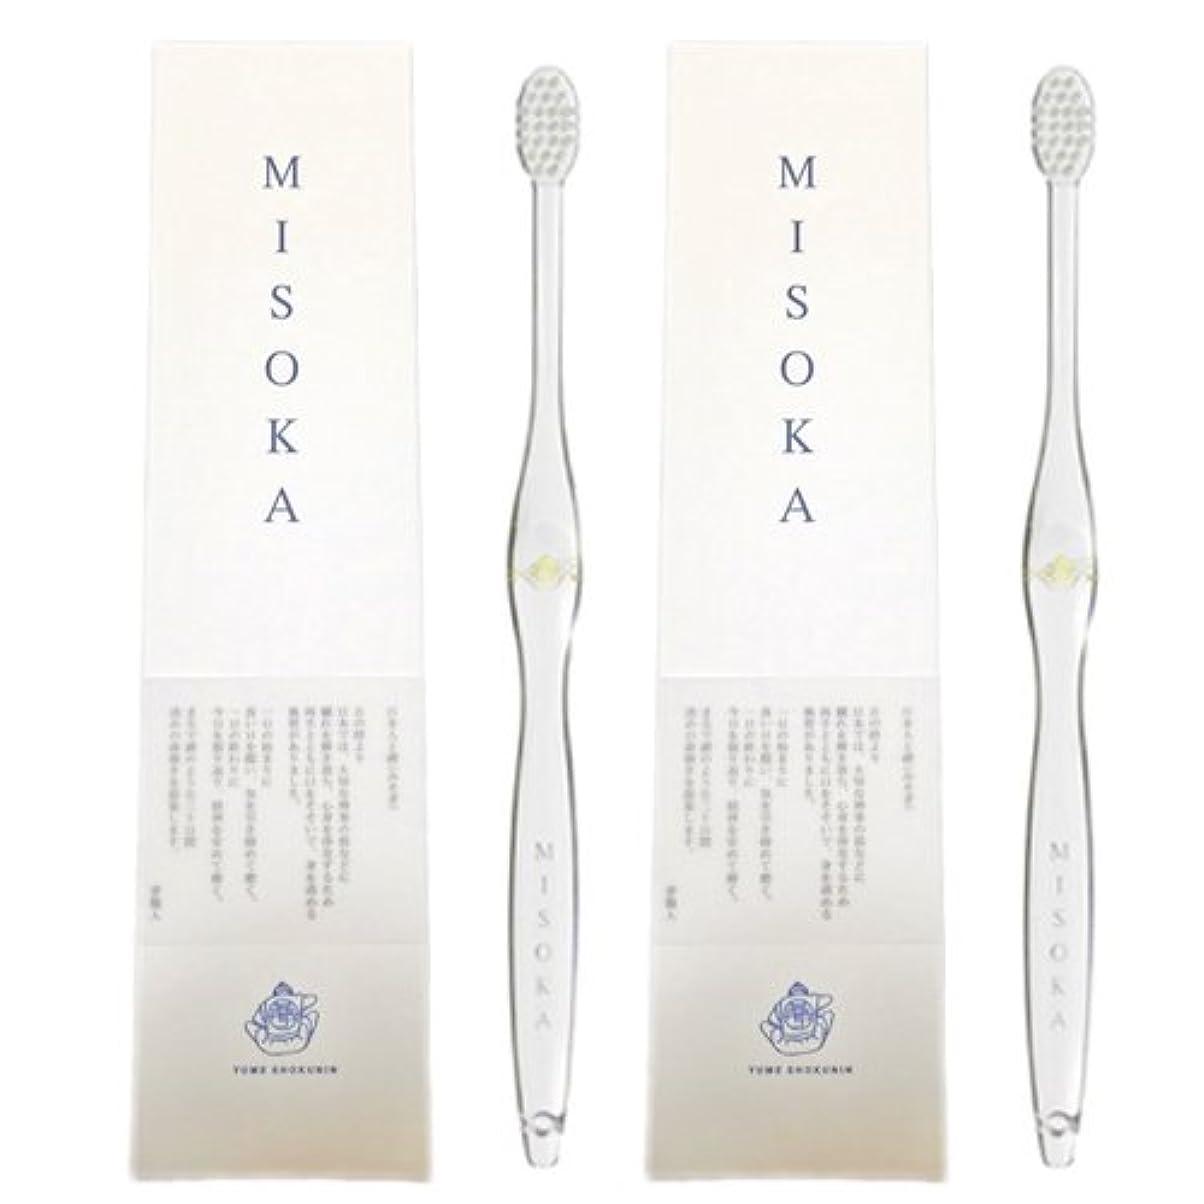 ミニチュア前置詞毛布MISOKA(ミソカ) ハブラシ 山吹色 2本セット